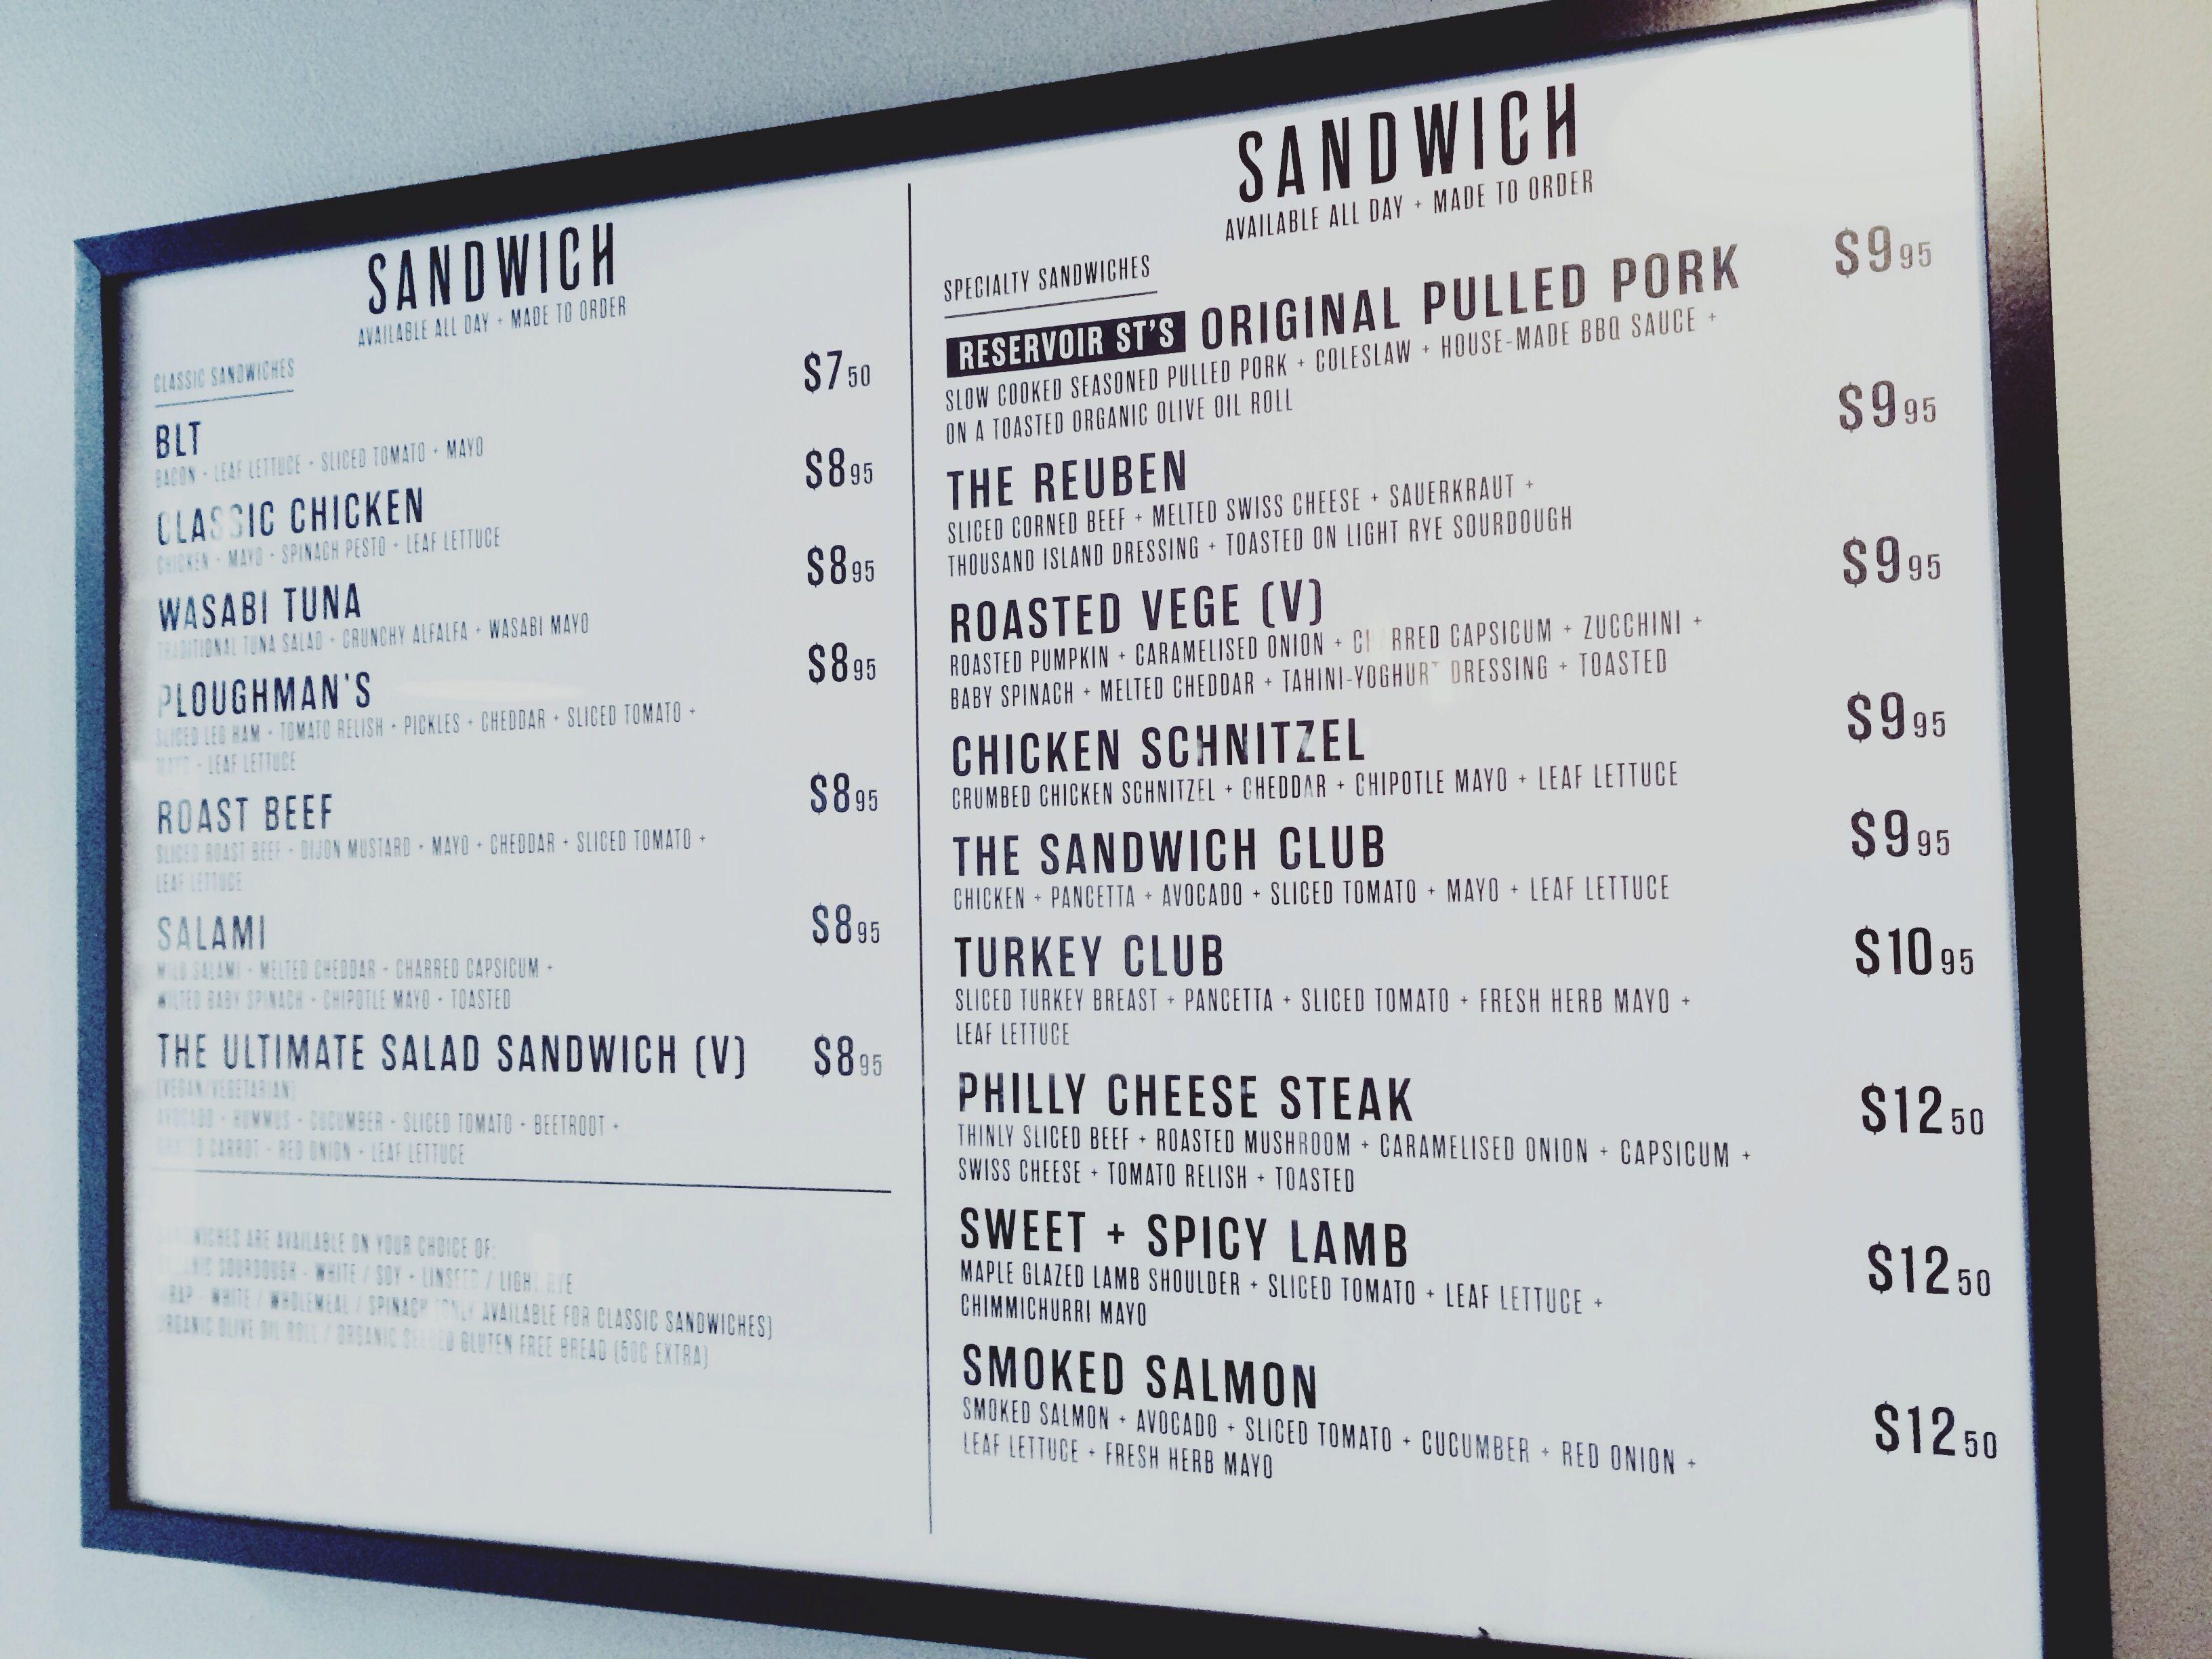 White apron sandwiches dc menu - The Sandwich Shop Reservoir St Surry Hills